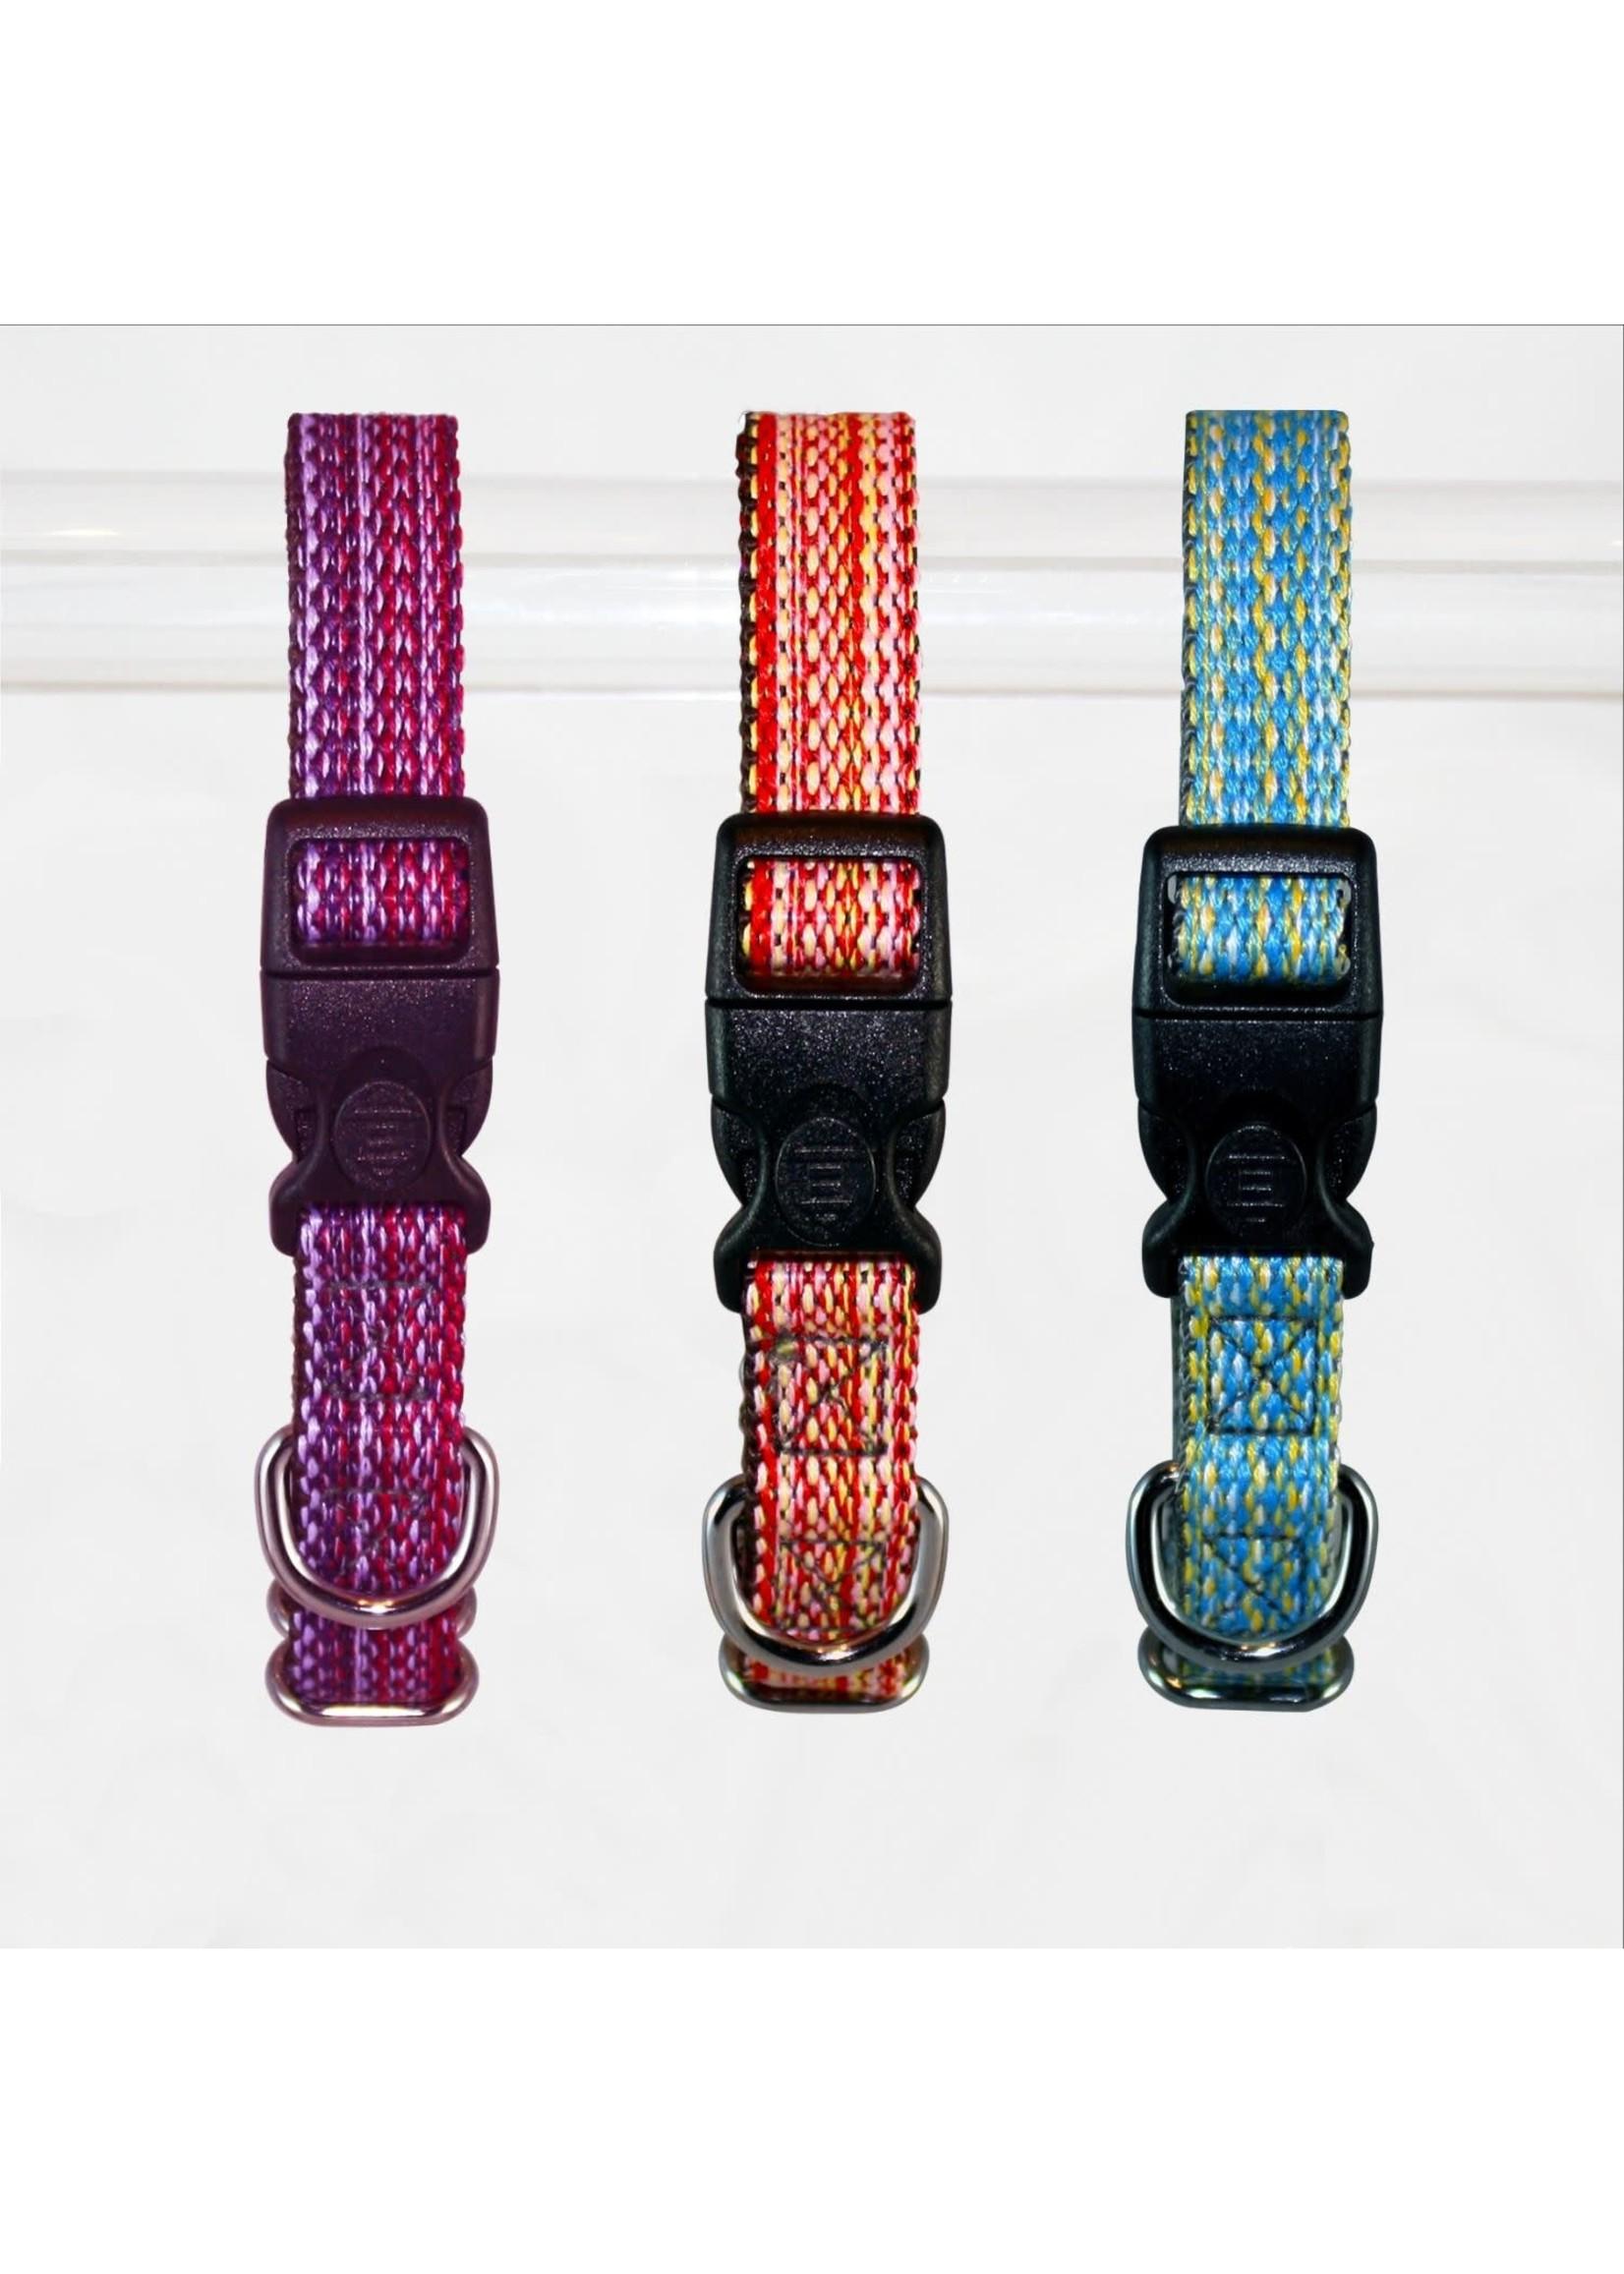 Goli Design Goli Haight Ashbury Dog Collar